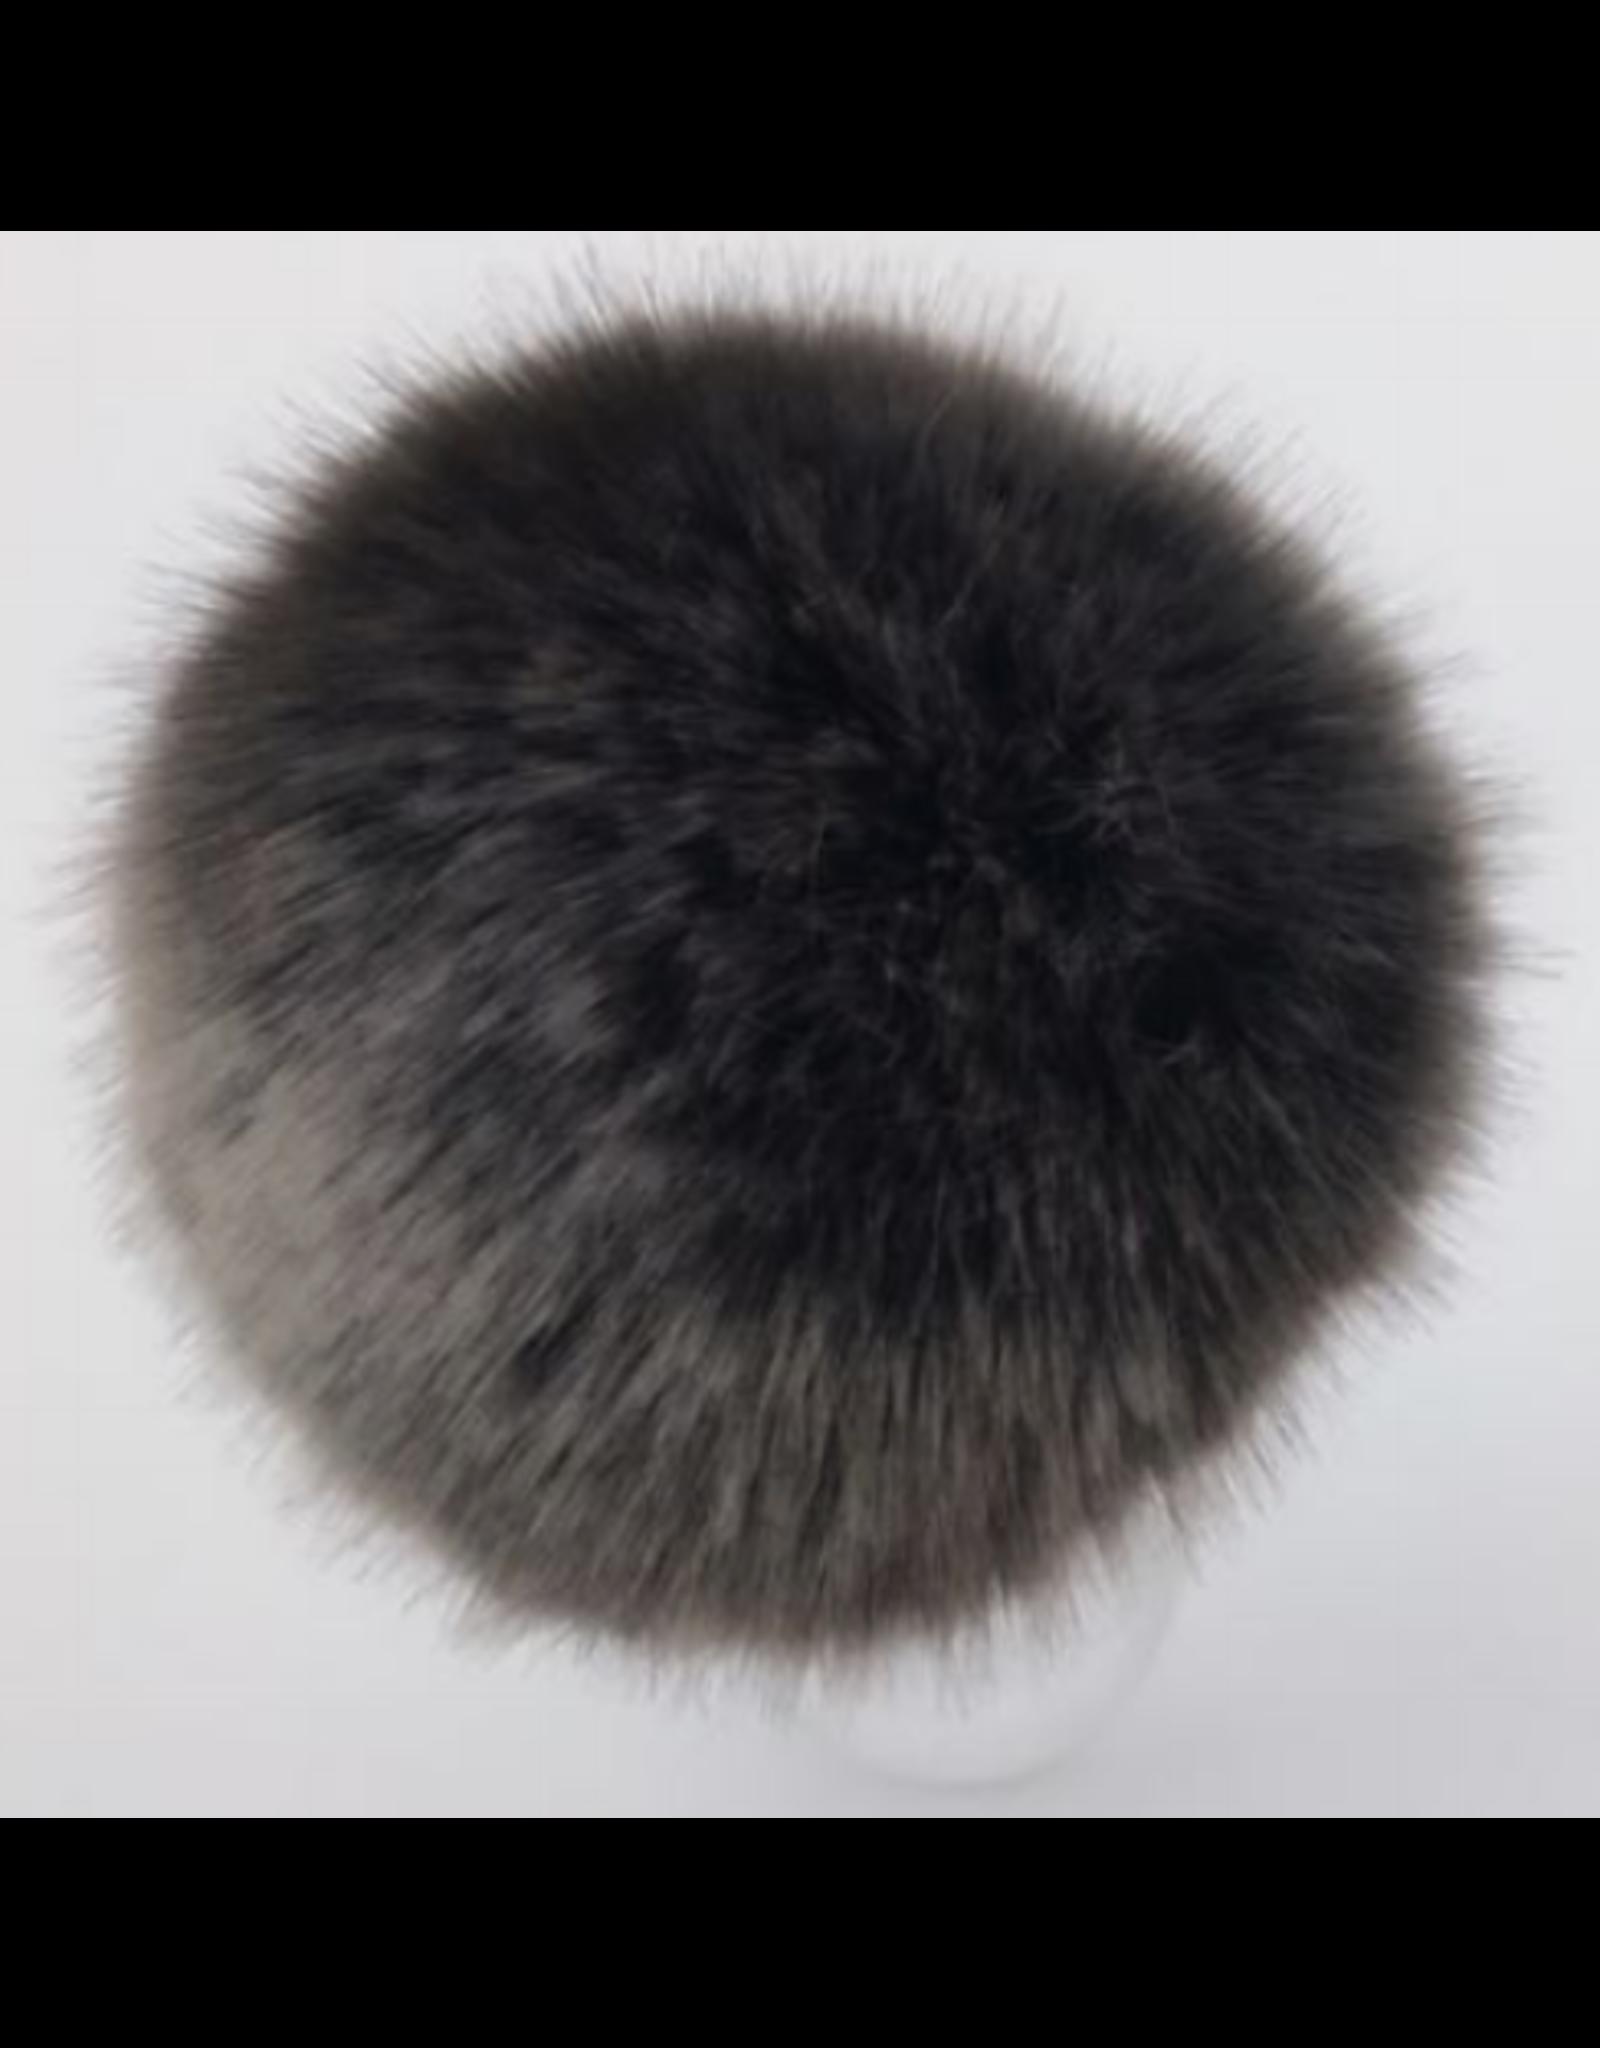 Faux Fur Pom Pom - Neutrals - Mink